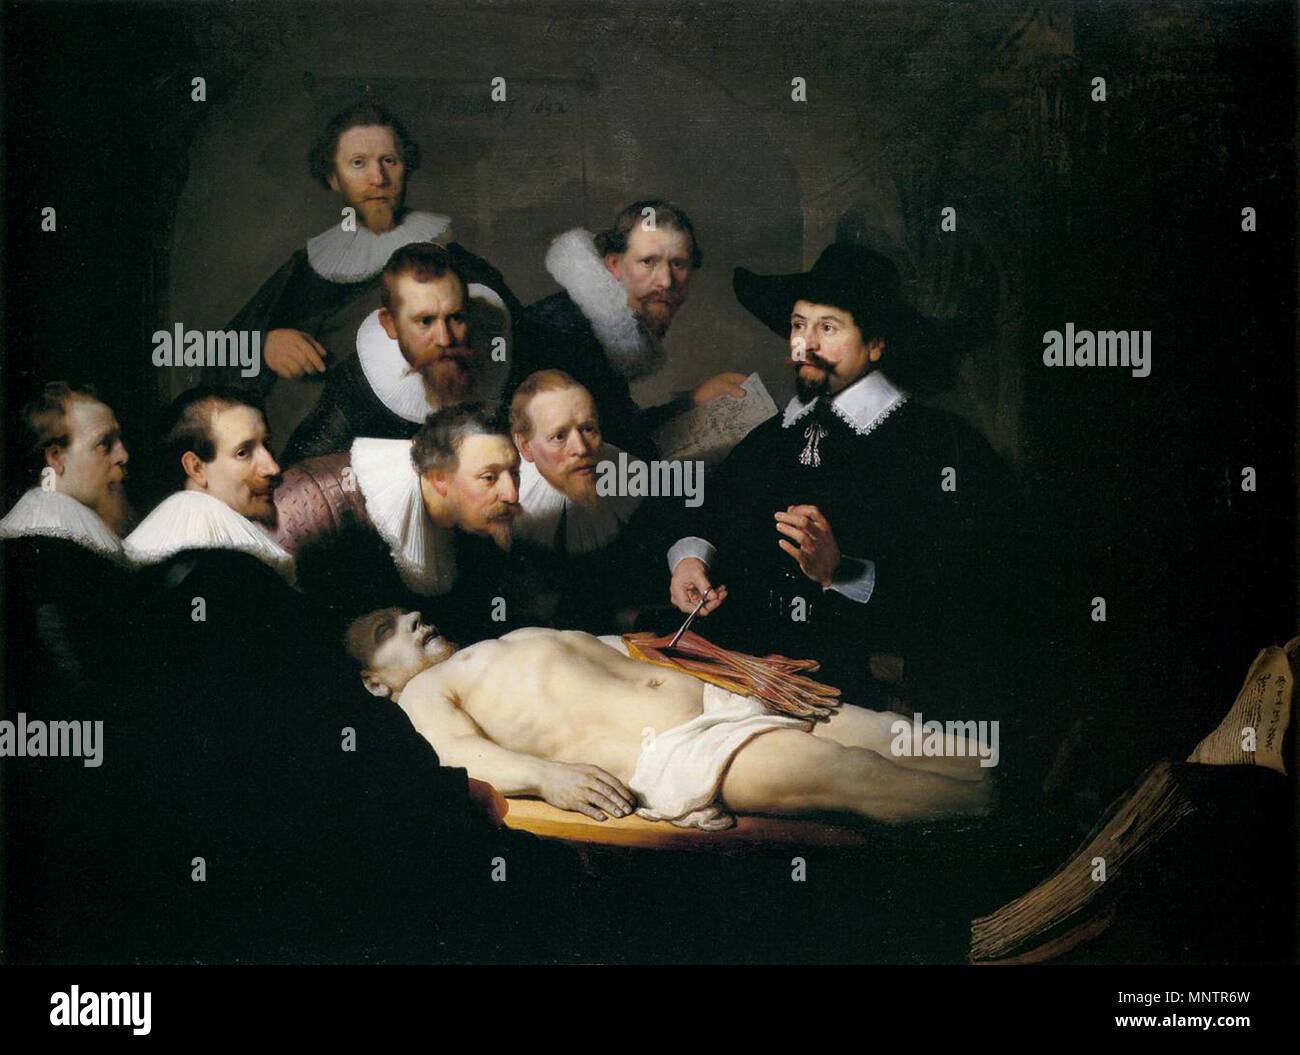 Großartig Anatomie Einer Lektion Fotos - Anatomie Von Menschlichen ...